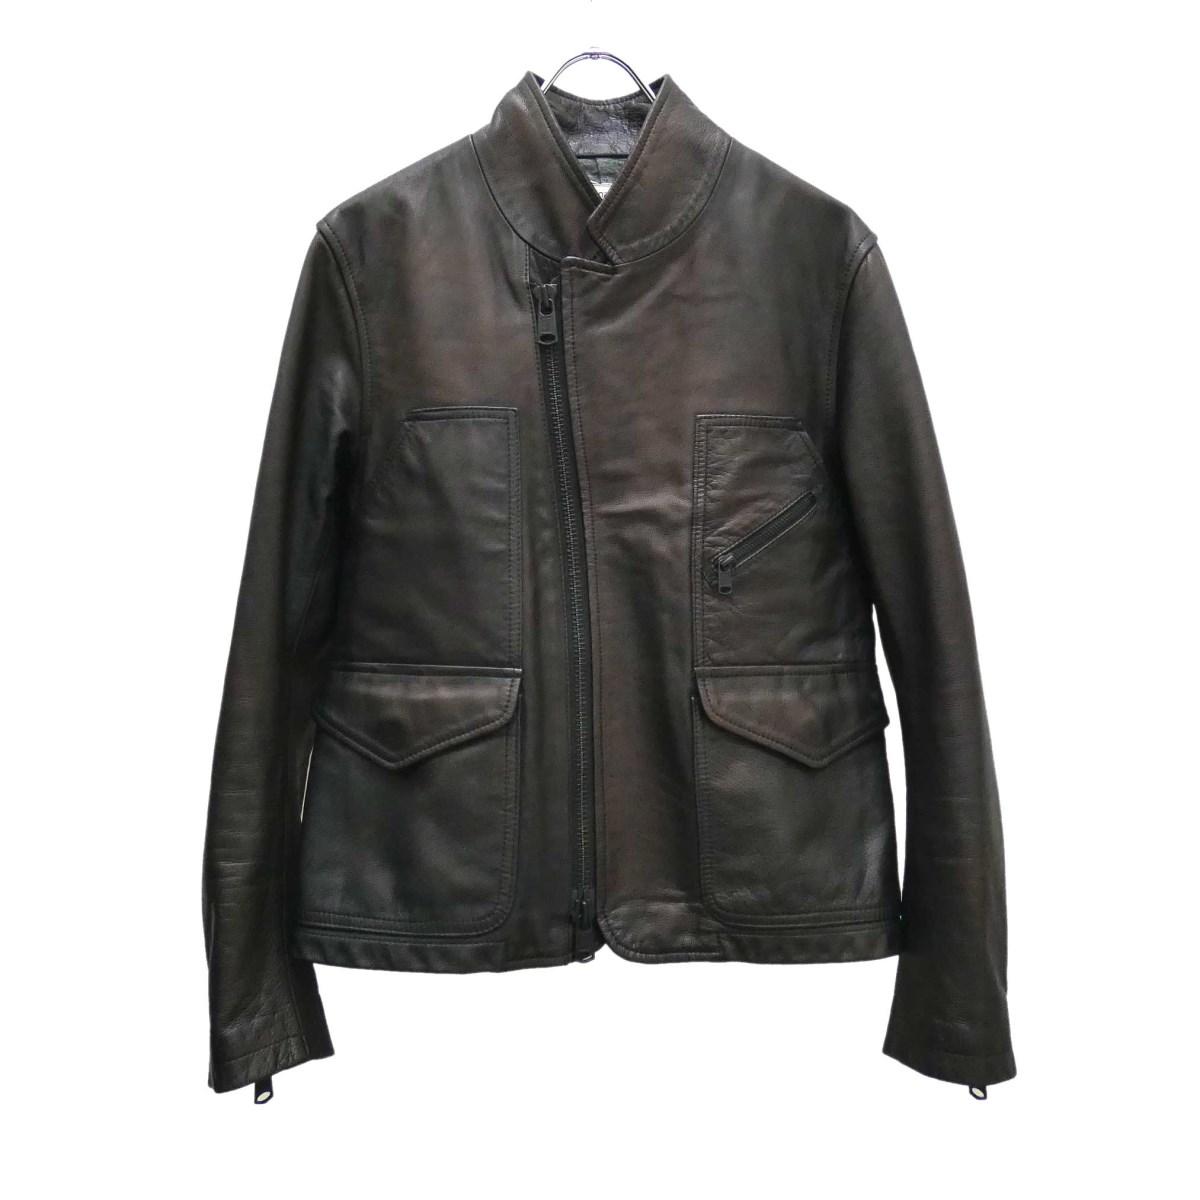 【中古】nonnativeRIDER SHORT JACKET レザージャケット NN-J2208 ブラック サイズ:1 【5月11日見直し】